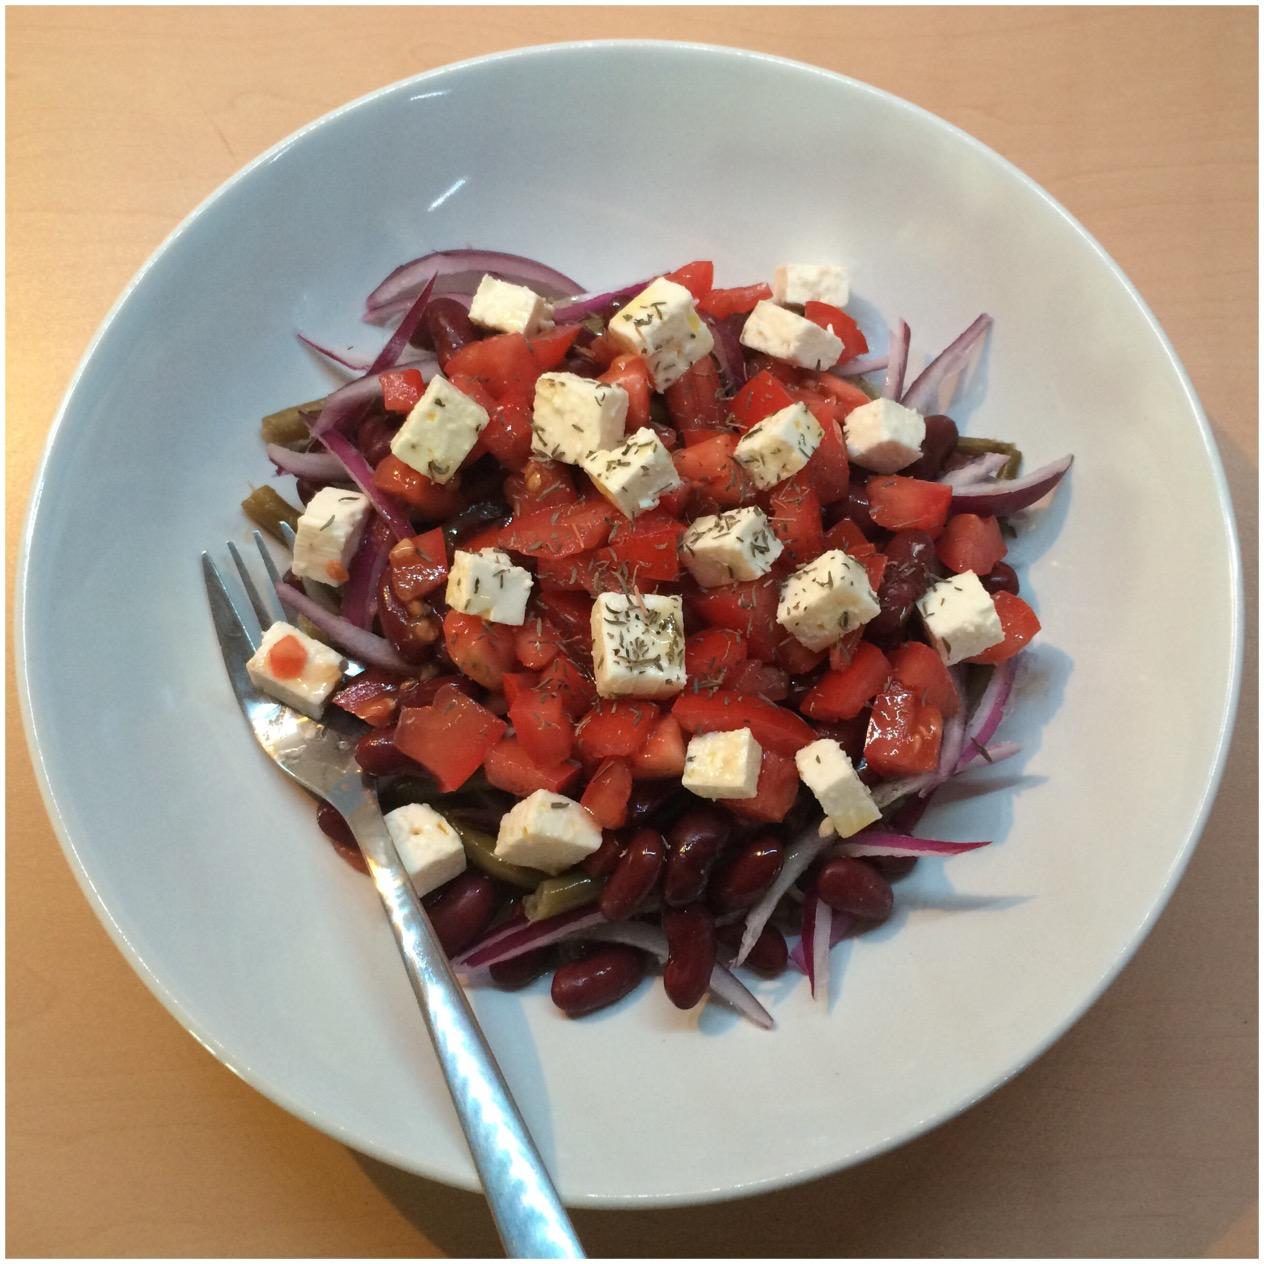 Apfelstrudel kuchen ensalada de jud as verdes tomate y queso feta color y sabor detemporada - Ensalada de judias pintas ...